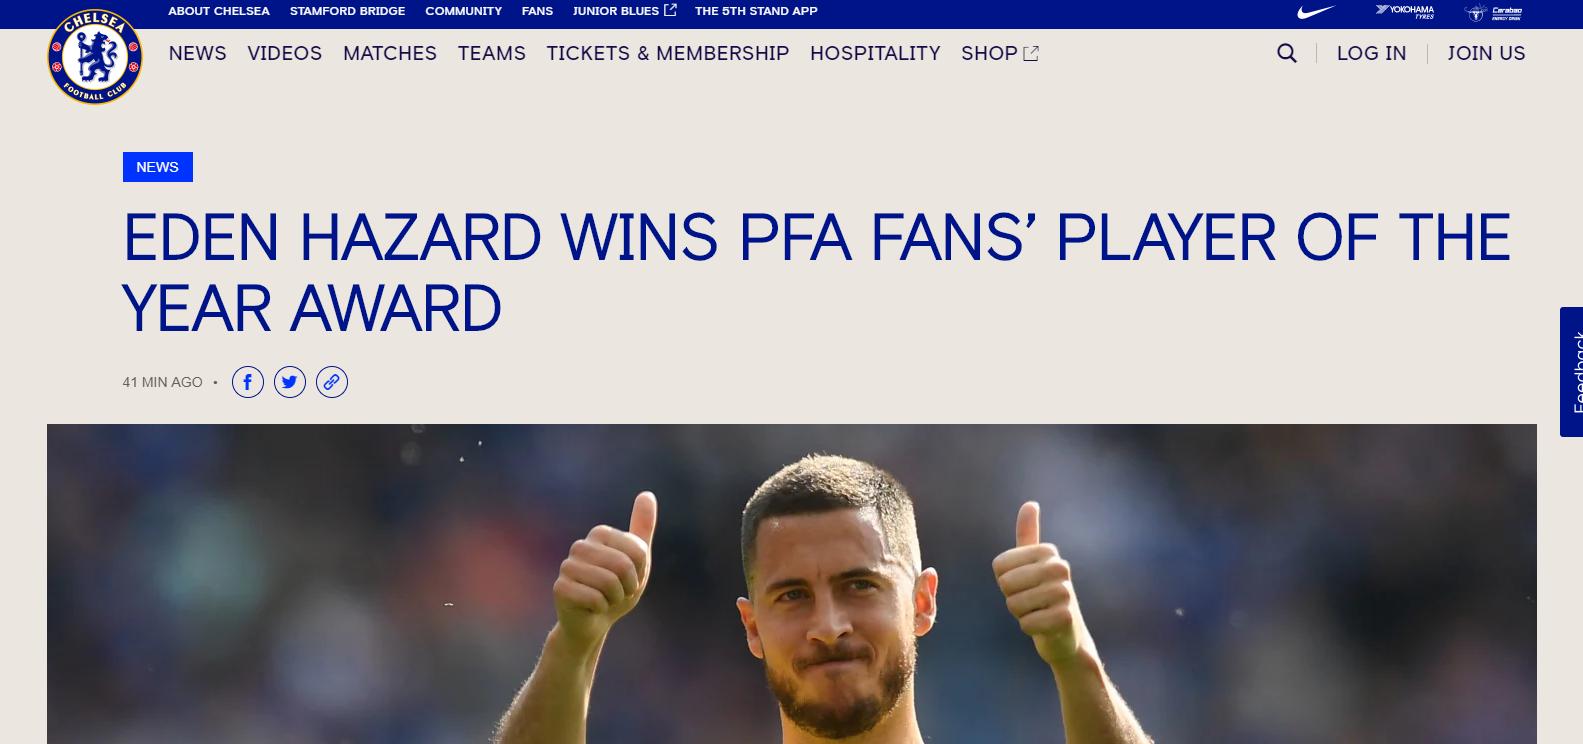 官方:进球助攻两双数据赢得赞许 阿扎尔当选PFA球迷评选最佳